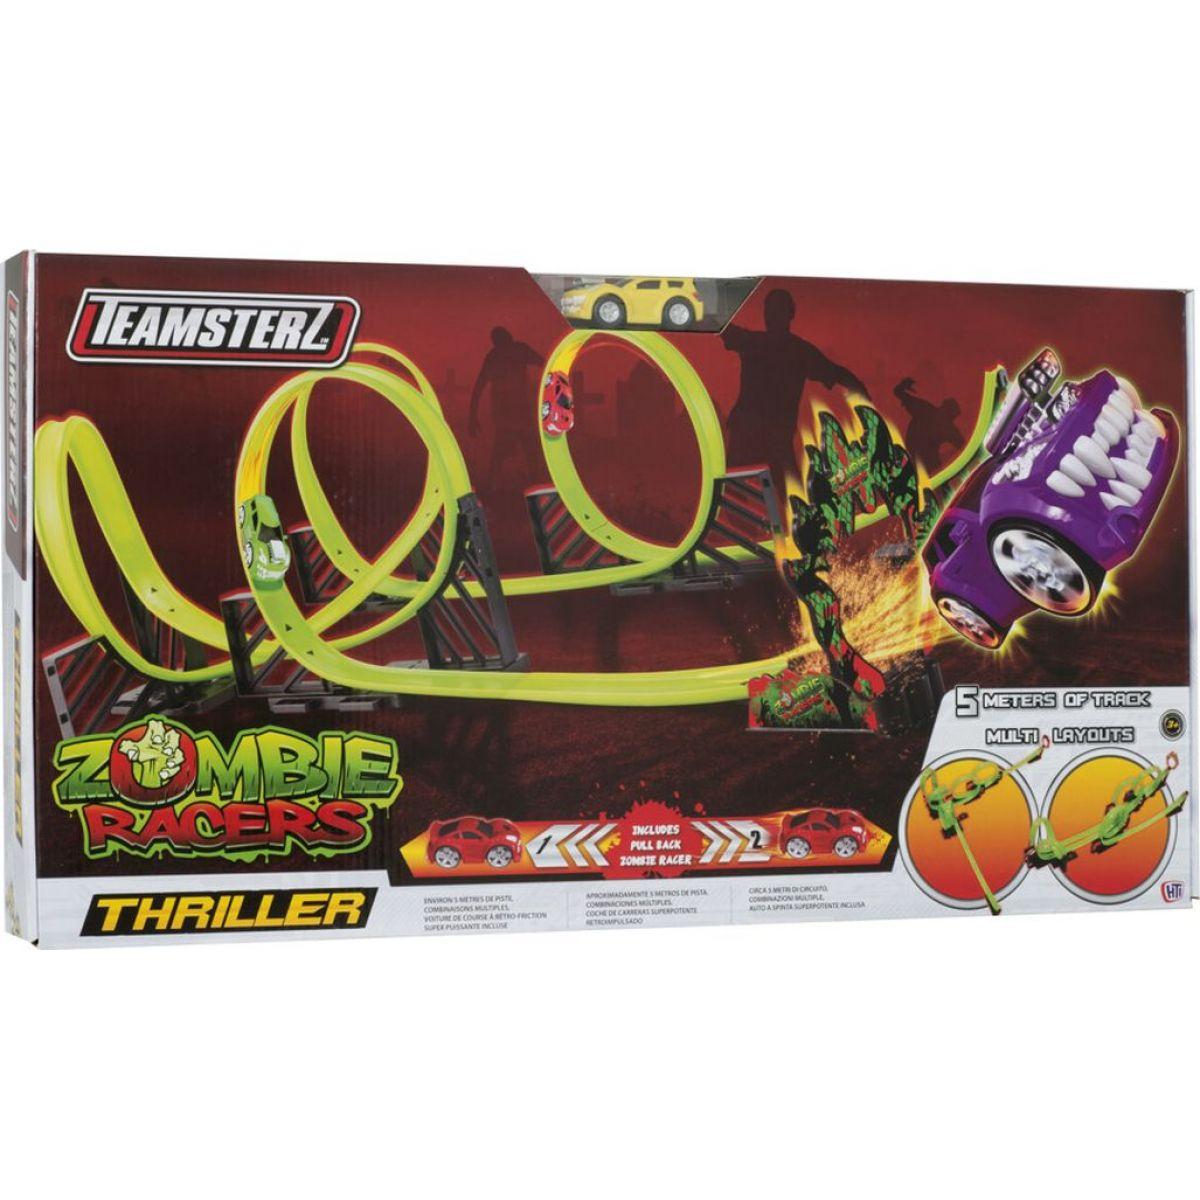 Halsall Autodráha Teamsterz Zombie